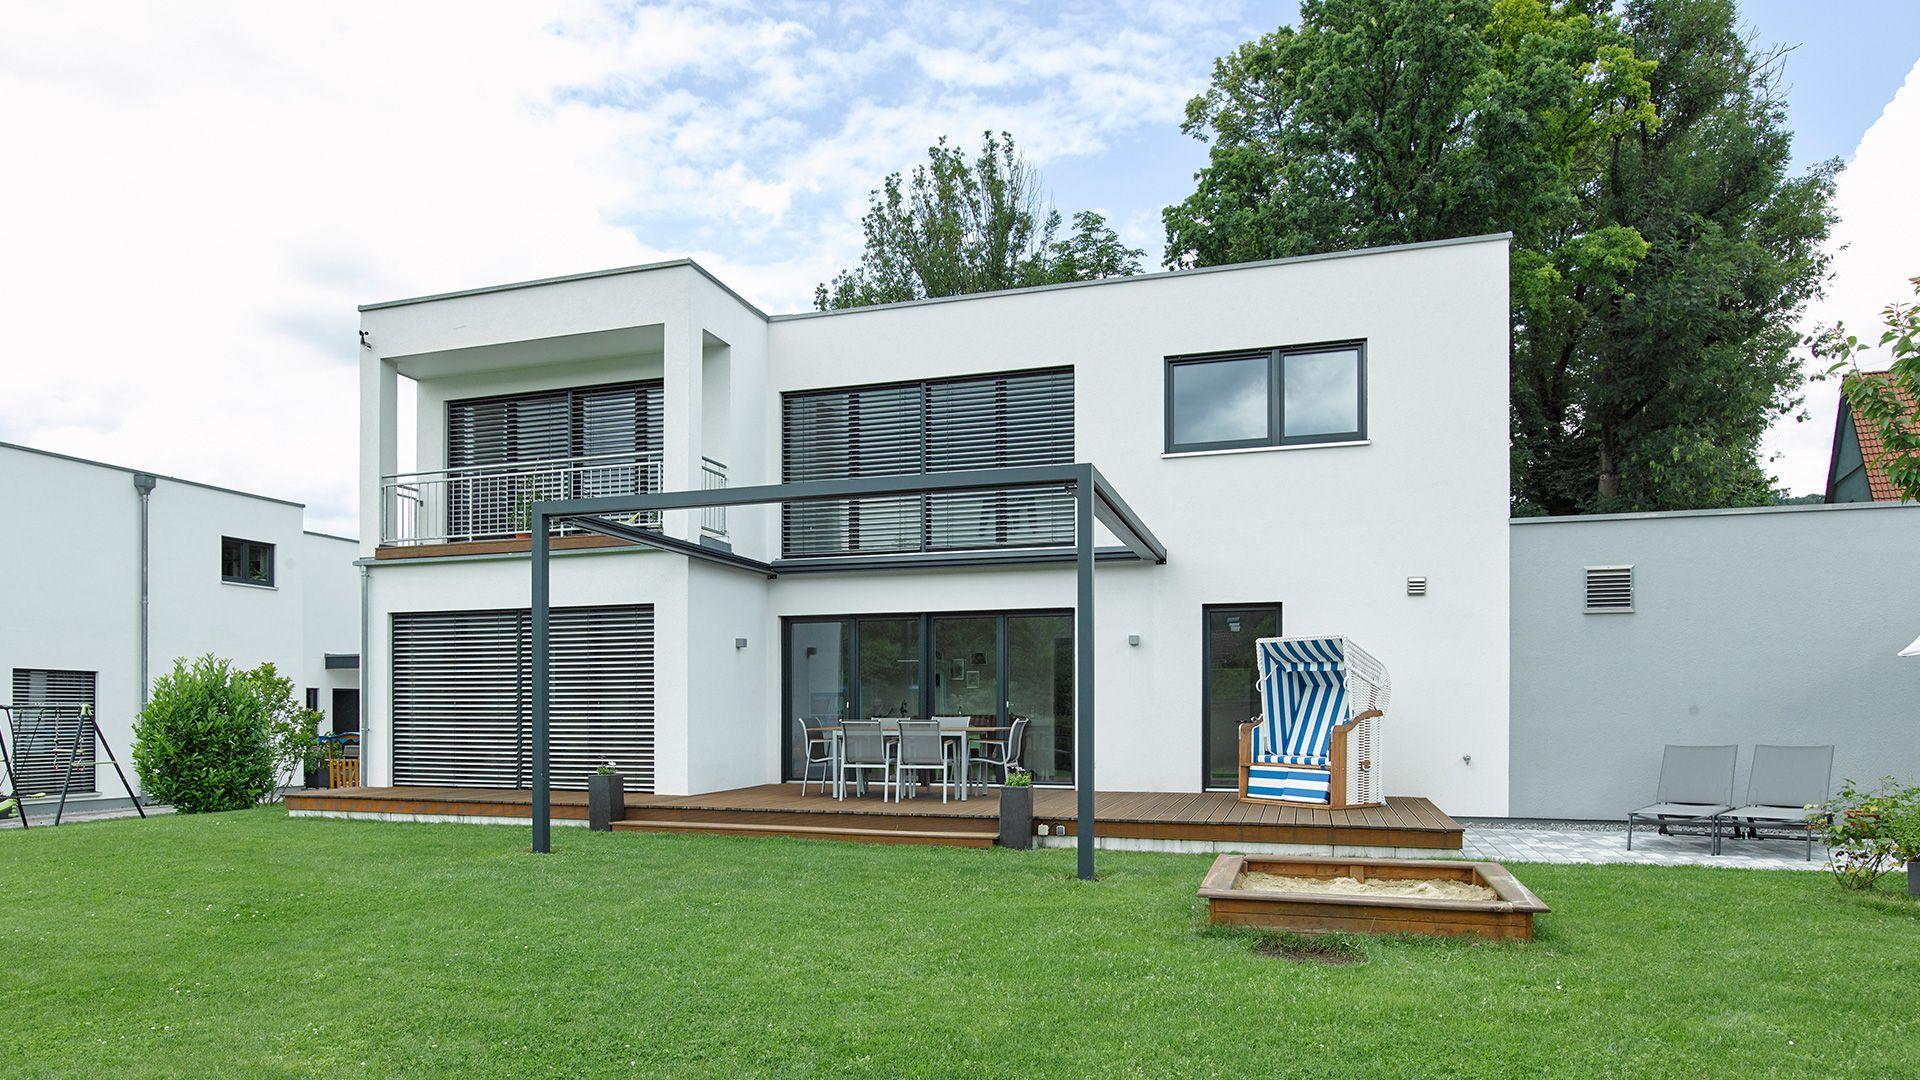 erstklassige sonnenschutz l sungen f r balkon terrasse. Black Bedroom Furniture Sets. Home Design Ideas